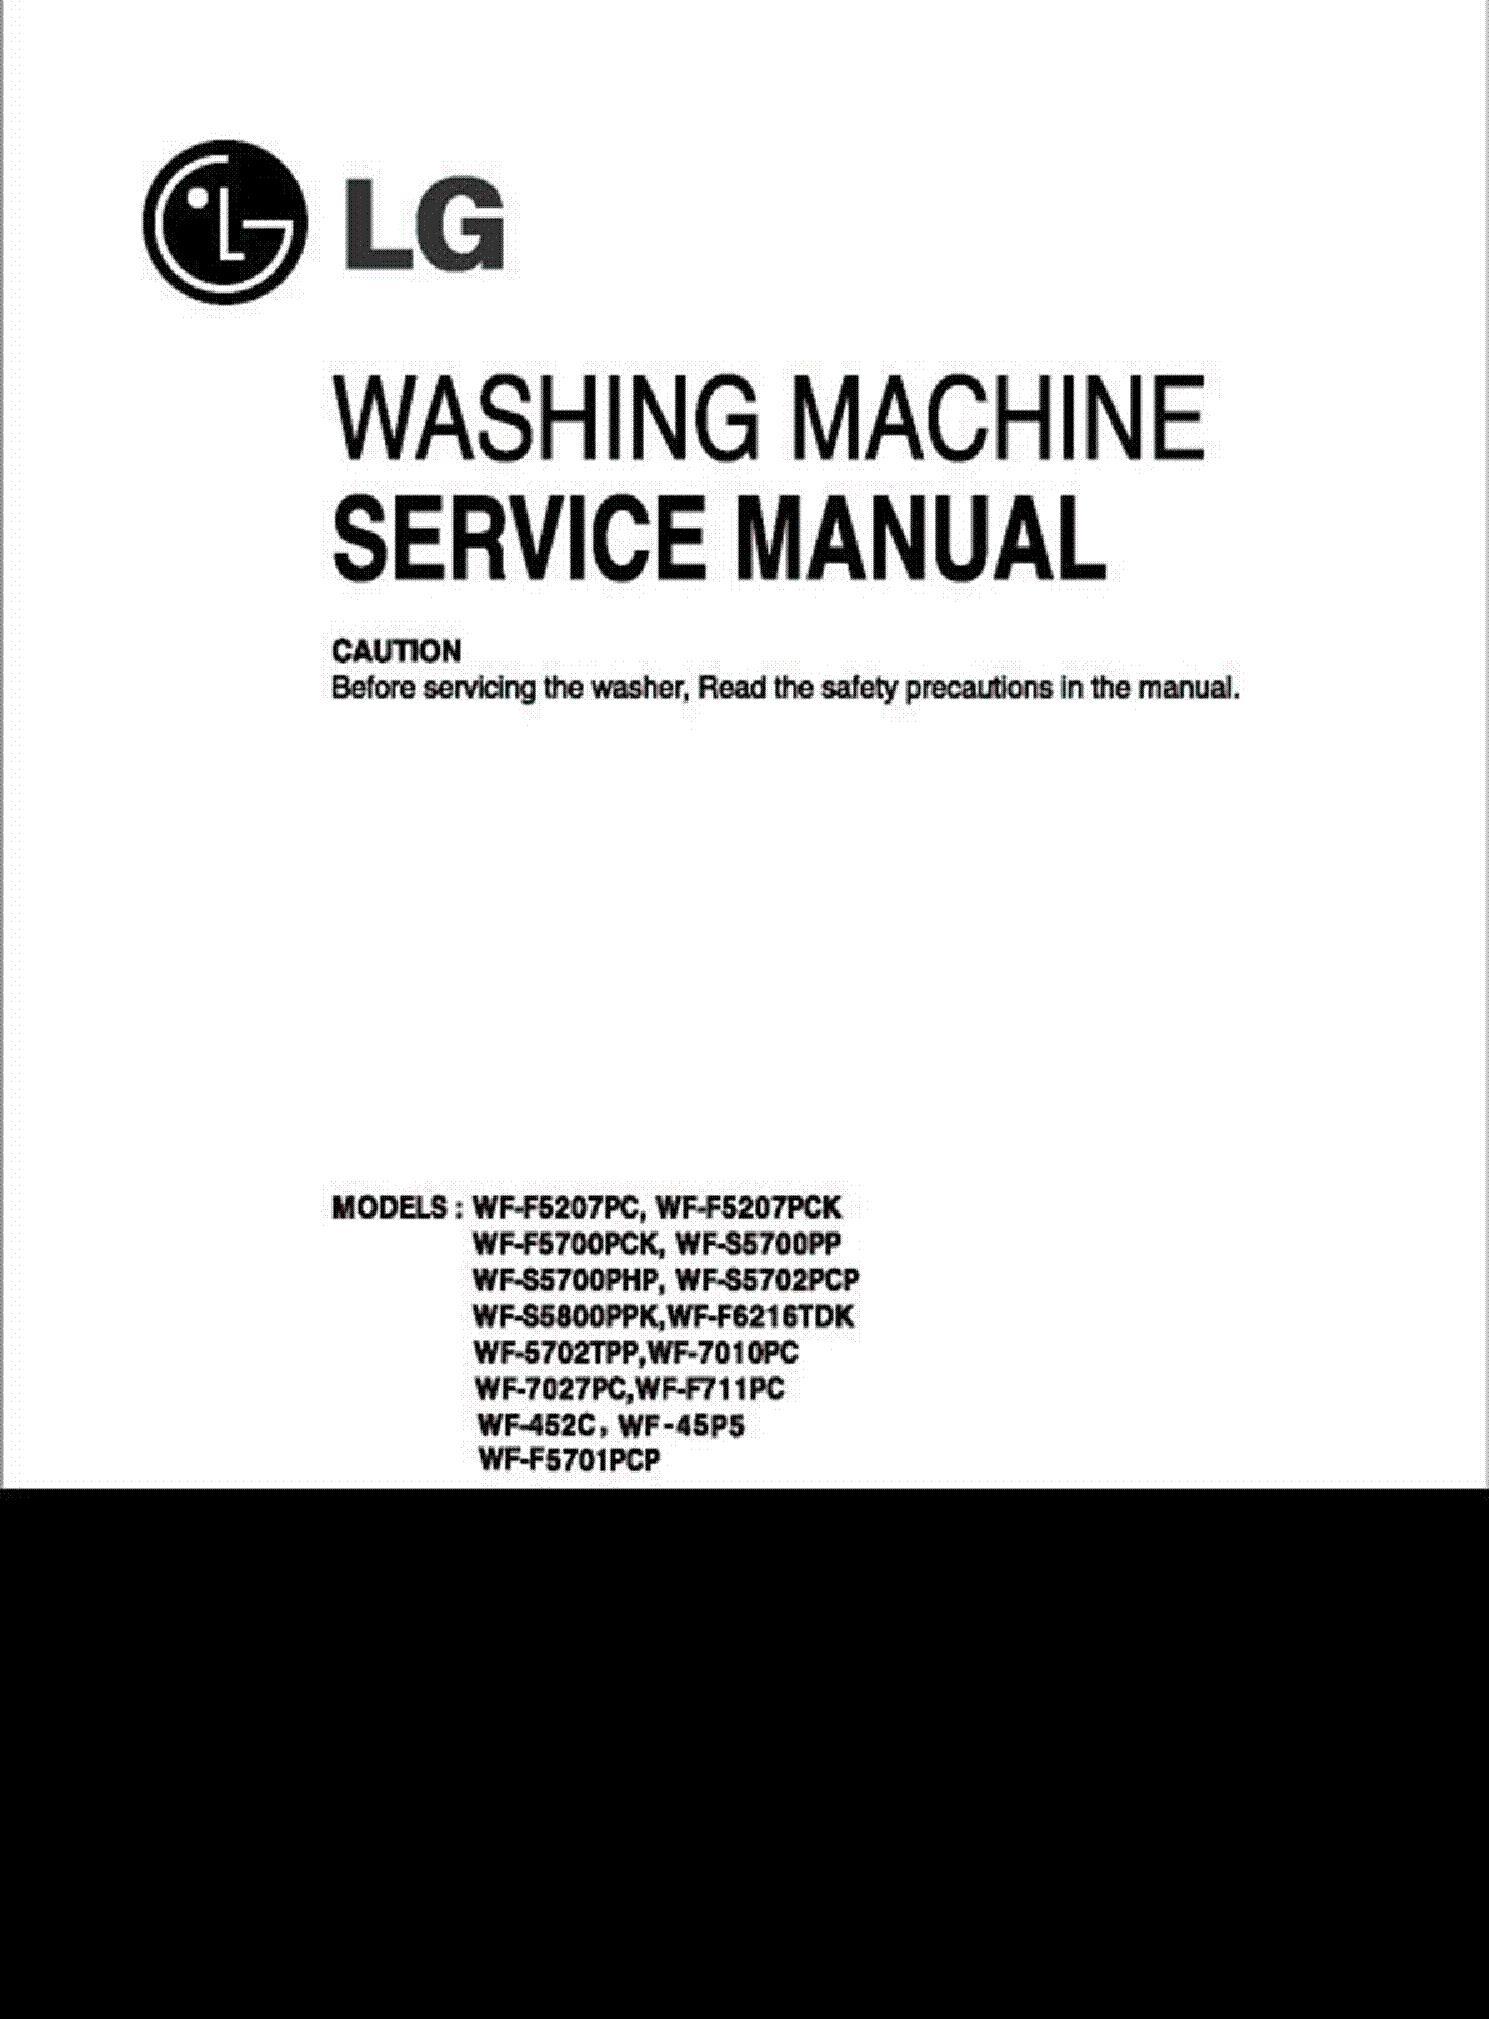 LG WF-45P5 452C F701 WF-5702 7010 7027 service manual (1st page